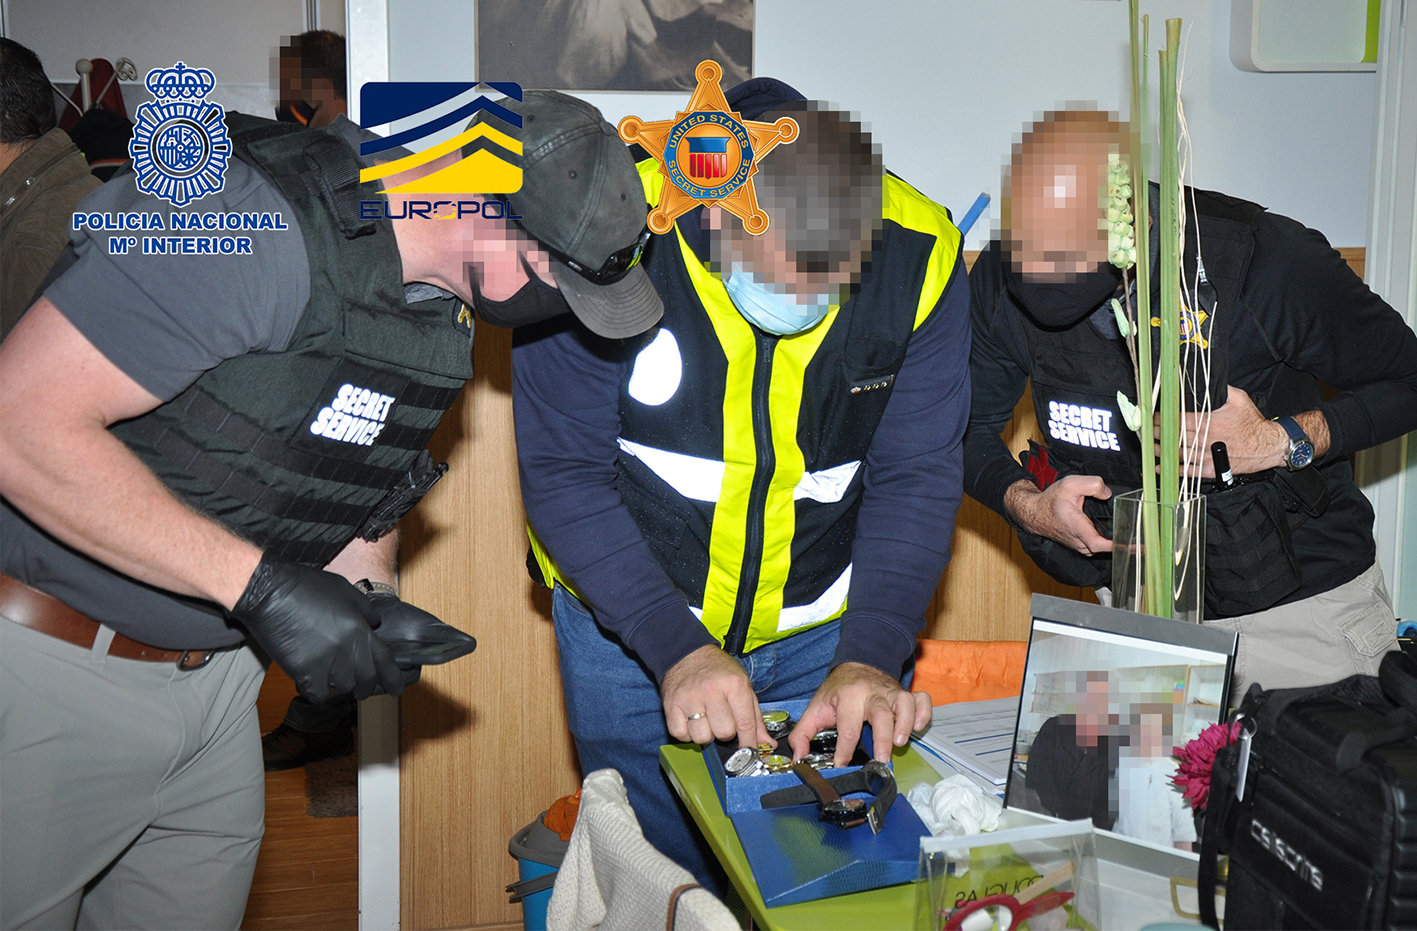 En total, se calcula que el fraude puede ser de al menos 12 millones de euros.